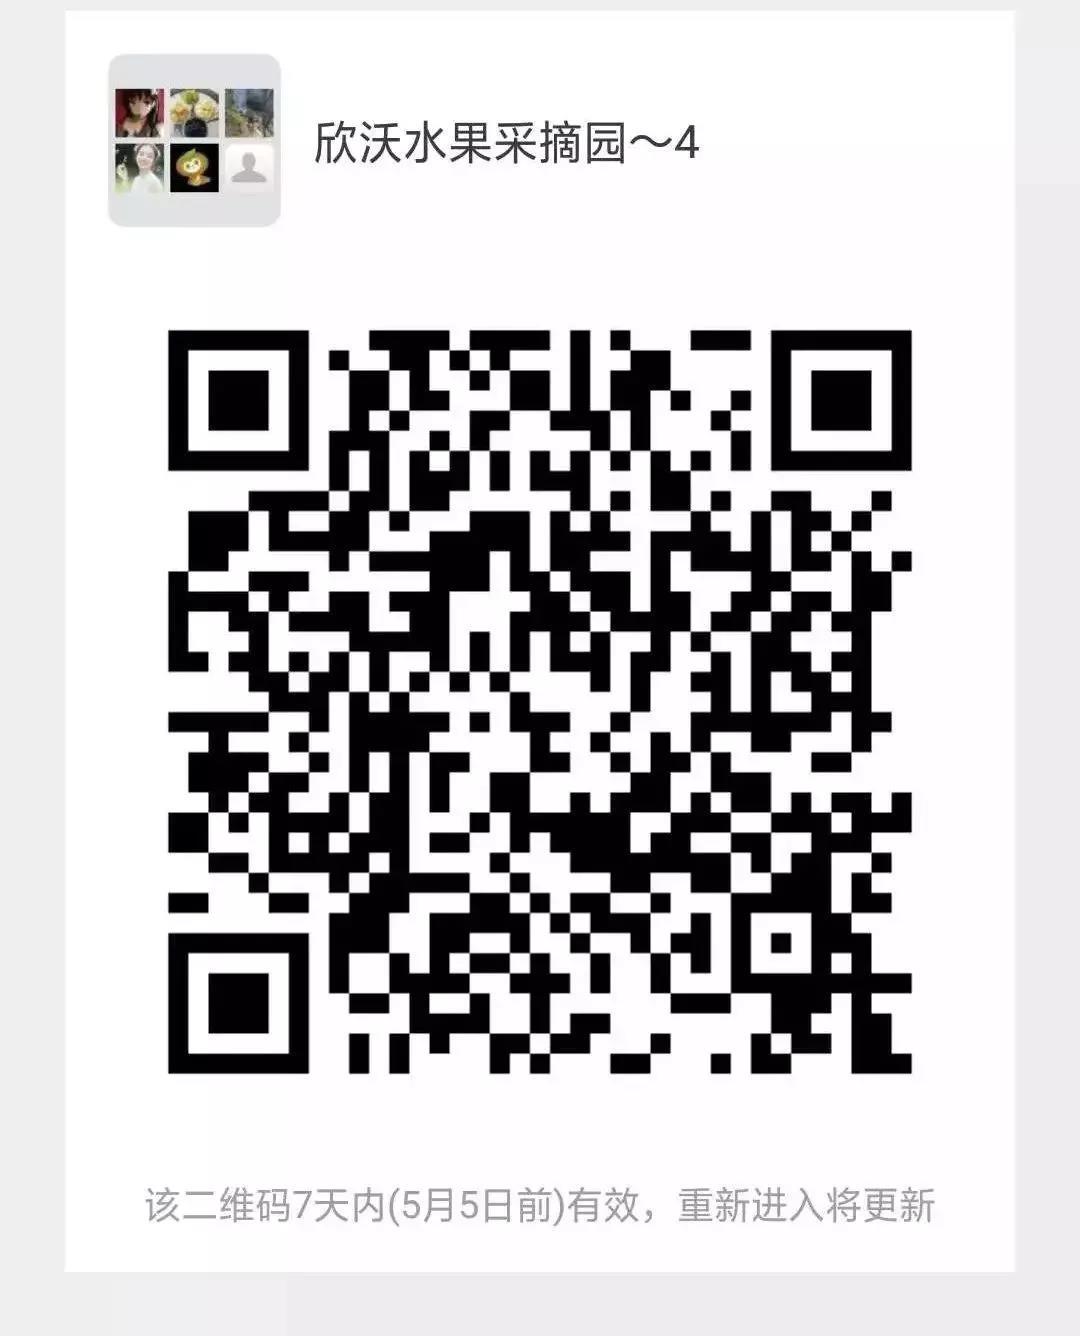 微信图片_20190506142445.jpg